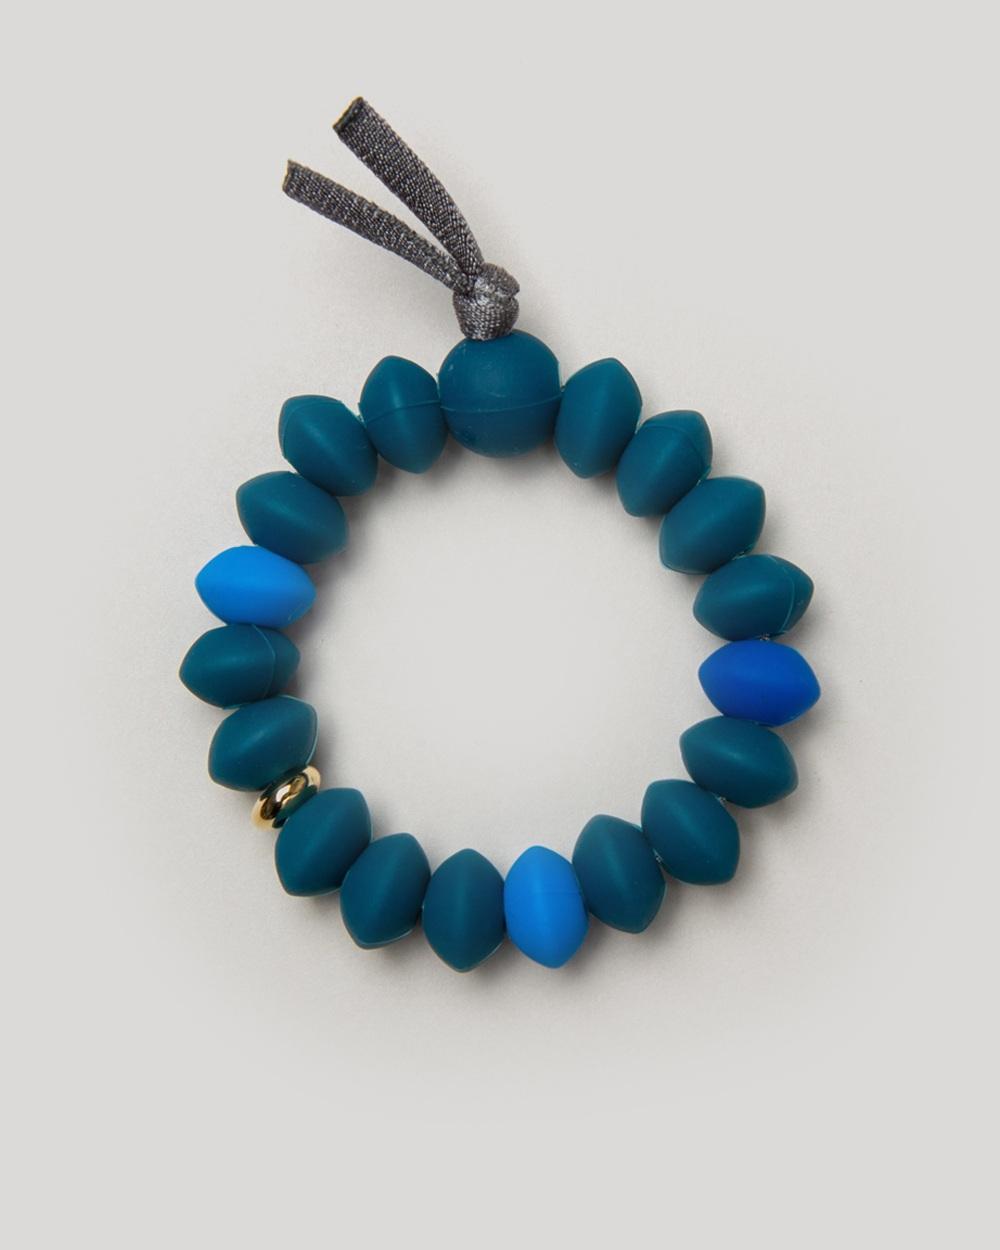 Cobalt_Teething_Bracelet_Blog_Image.jpg